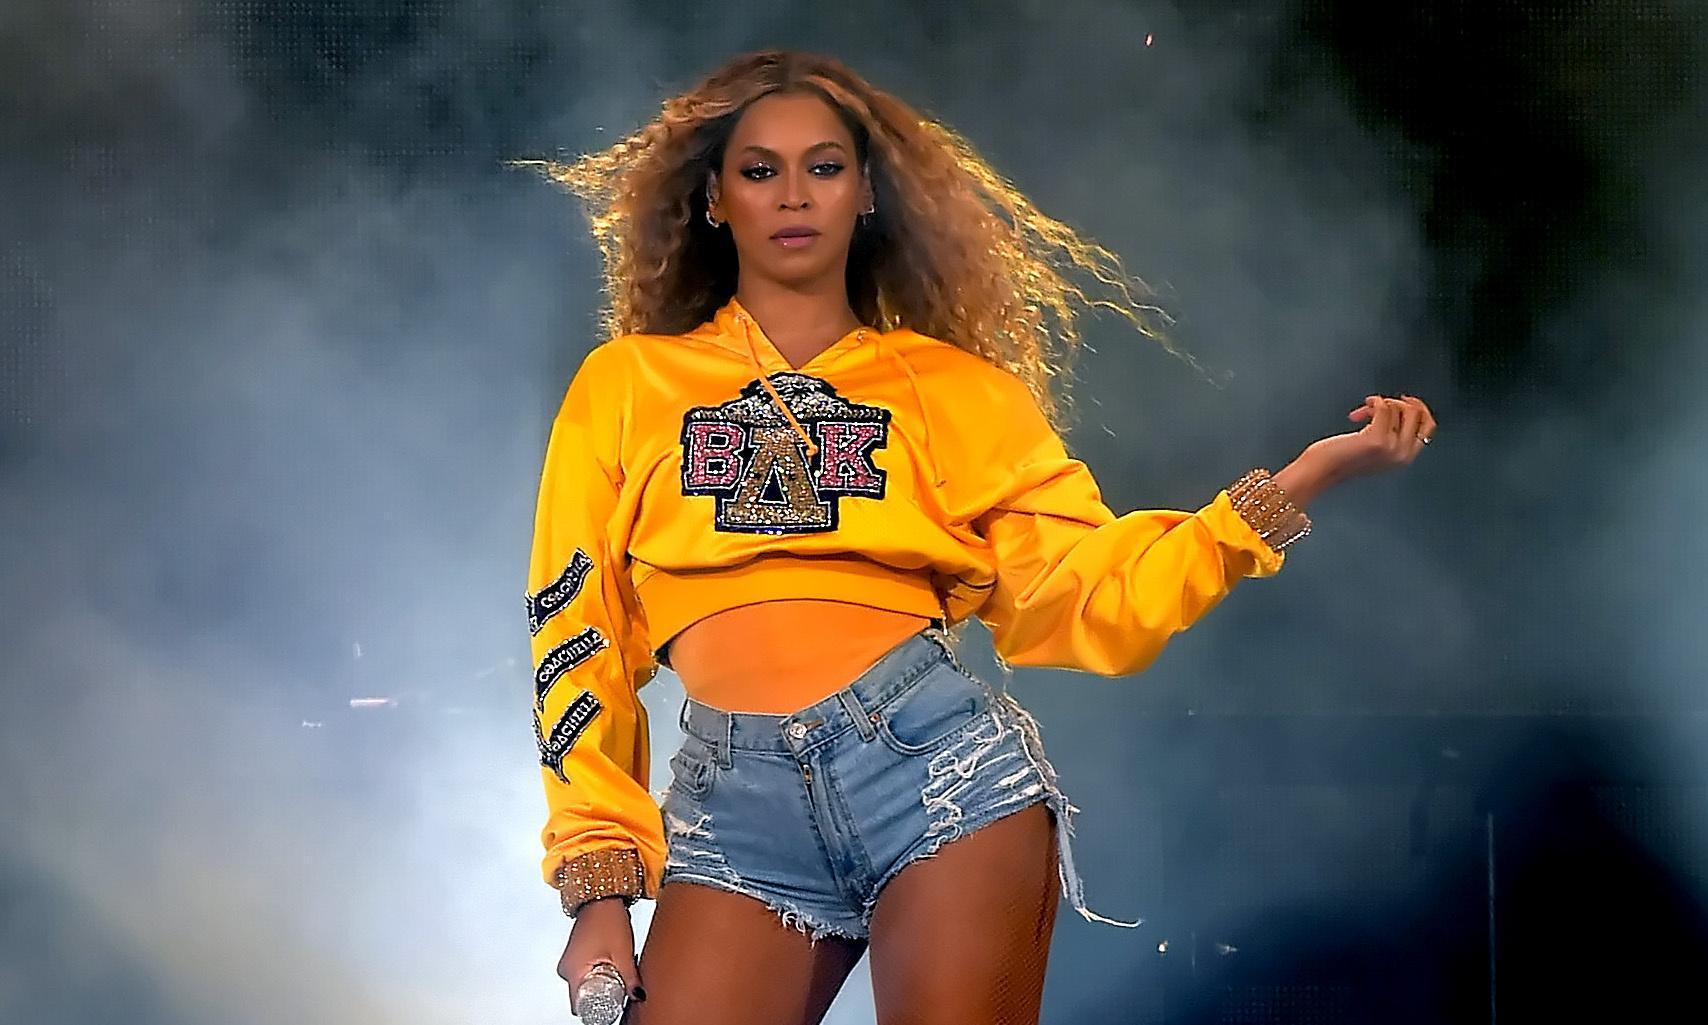 Beyoncé's crash diet plan sells an impossible, damaging ideal